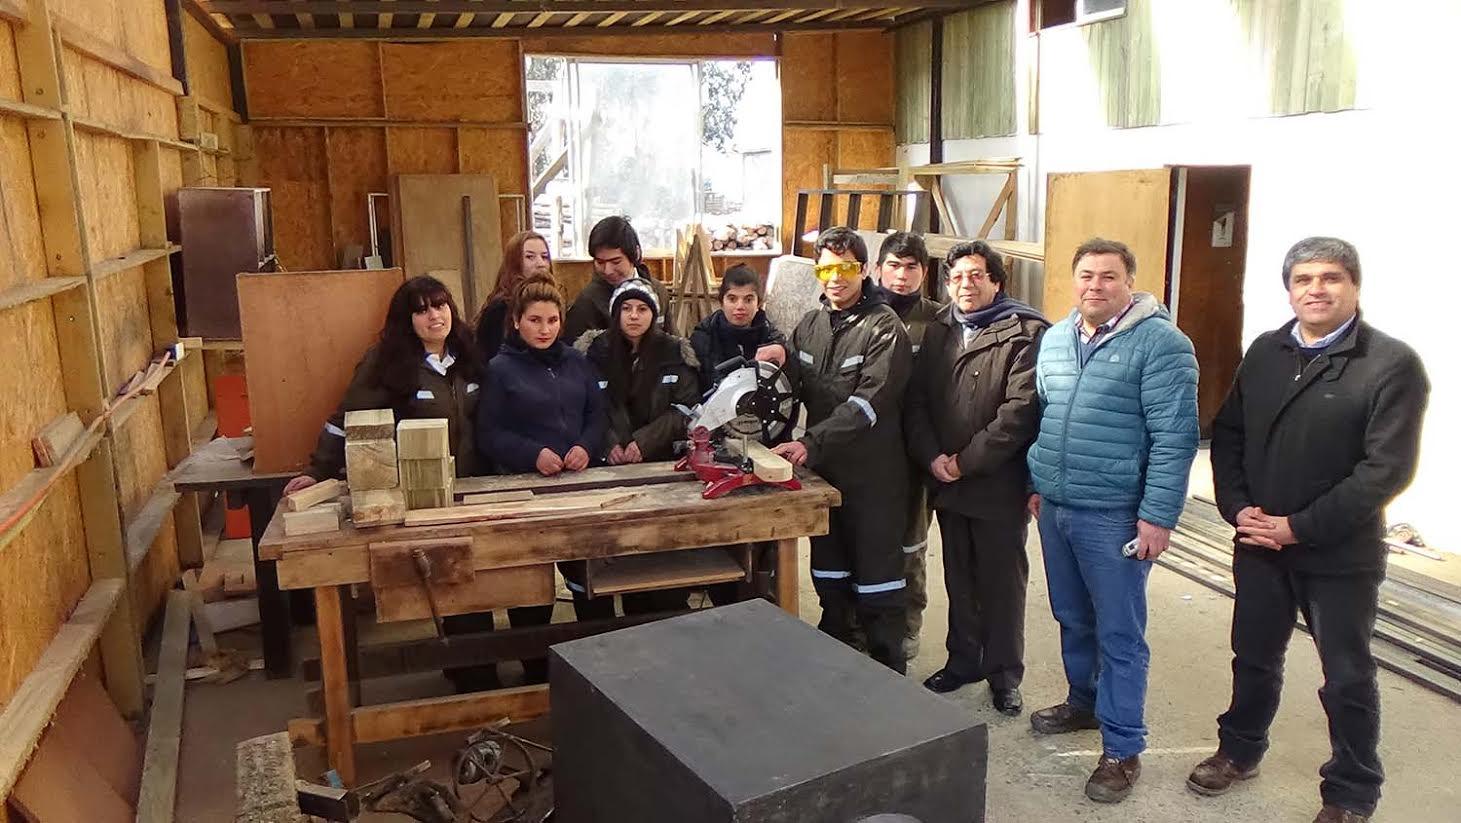 Inédito proyecto de estudiantes para construir y vender casas de madera en Curepto